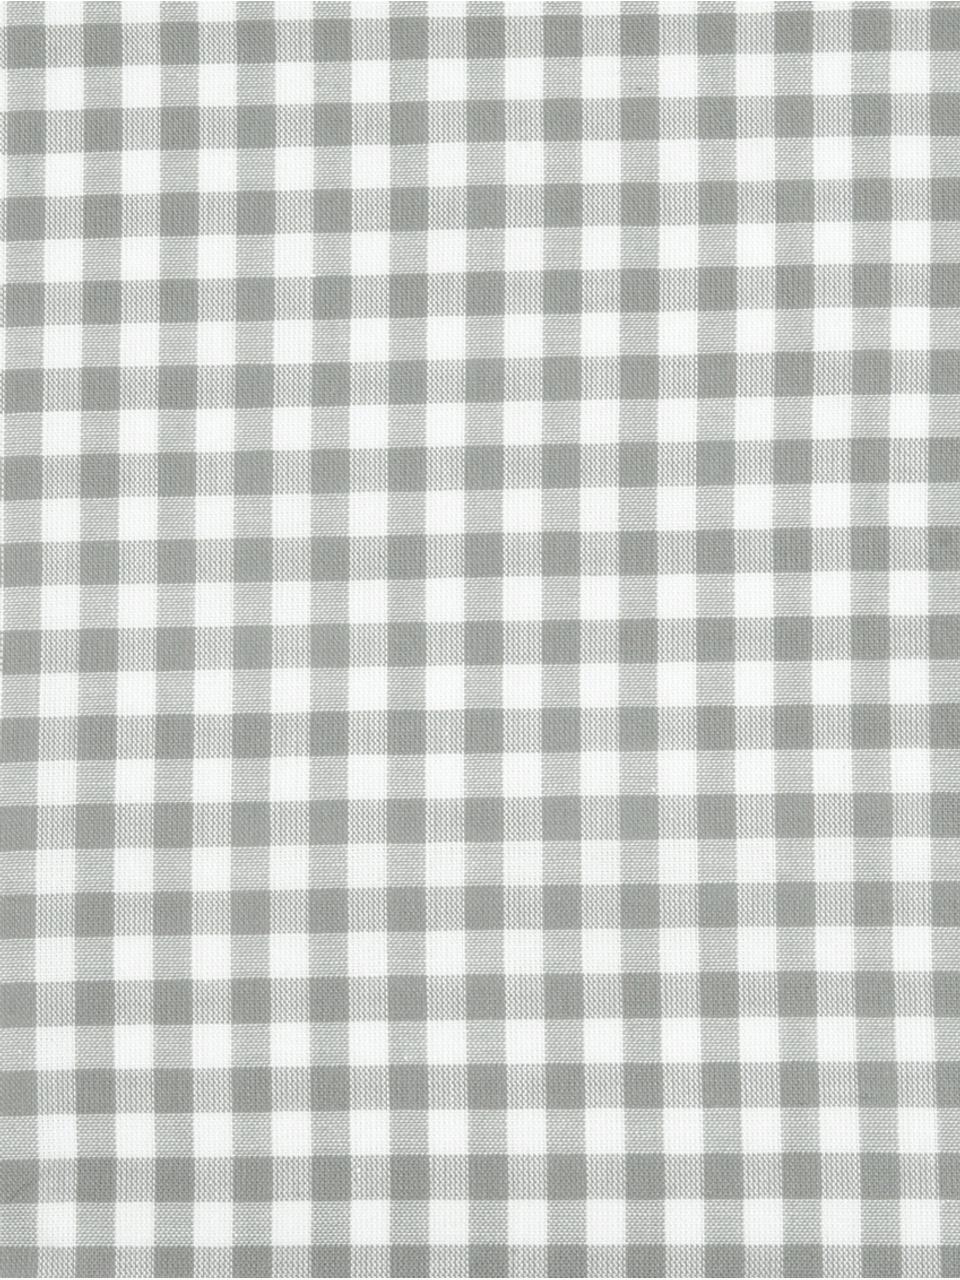 Karierte Baumwoll-Bettwäsche Scotty in Grau/Weiß, 100% Baumwolle  Fadendichte 118 TC, Standard Qualität  Bettwäsche aus Baumwolle fühlt sich auf der Haut angenehm weich an, nimmt Feuchtigkeit gut auf und eignet sich für Allergiker, Hellgrau/Weiß, 135 x 200 cm + 1 Kissen 80 x 80 cm